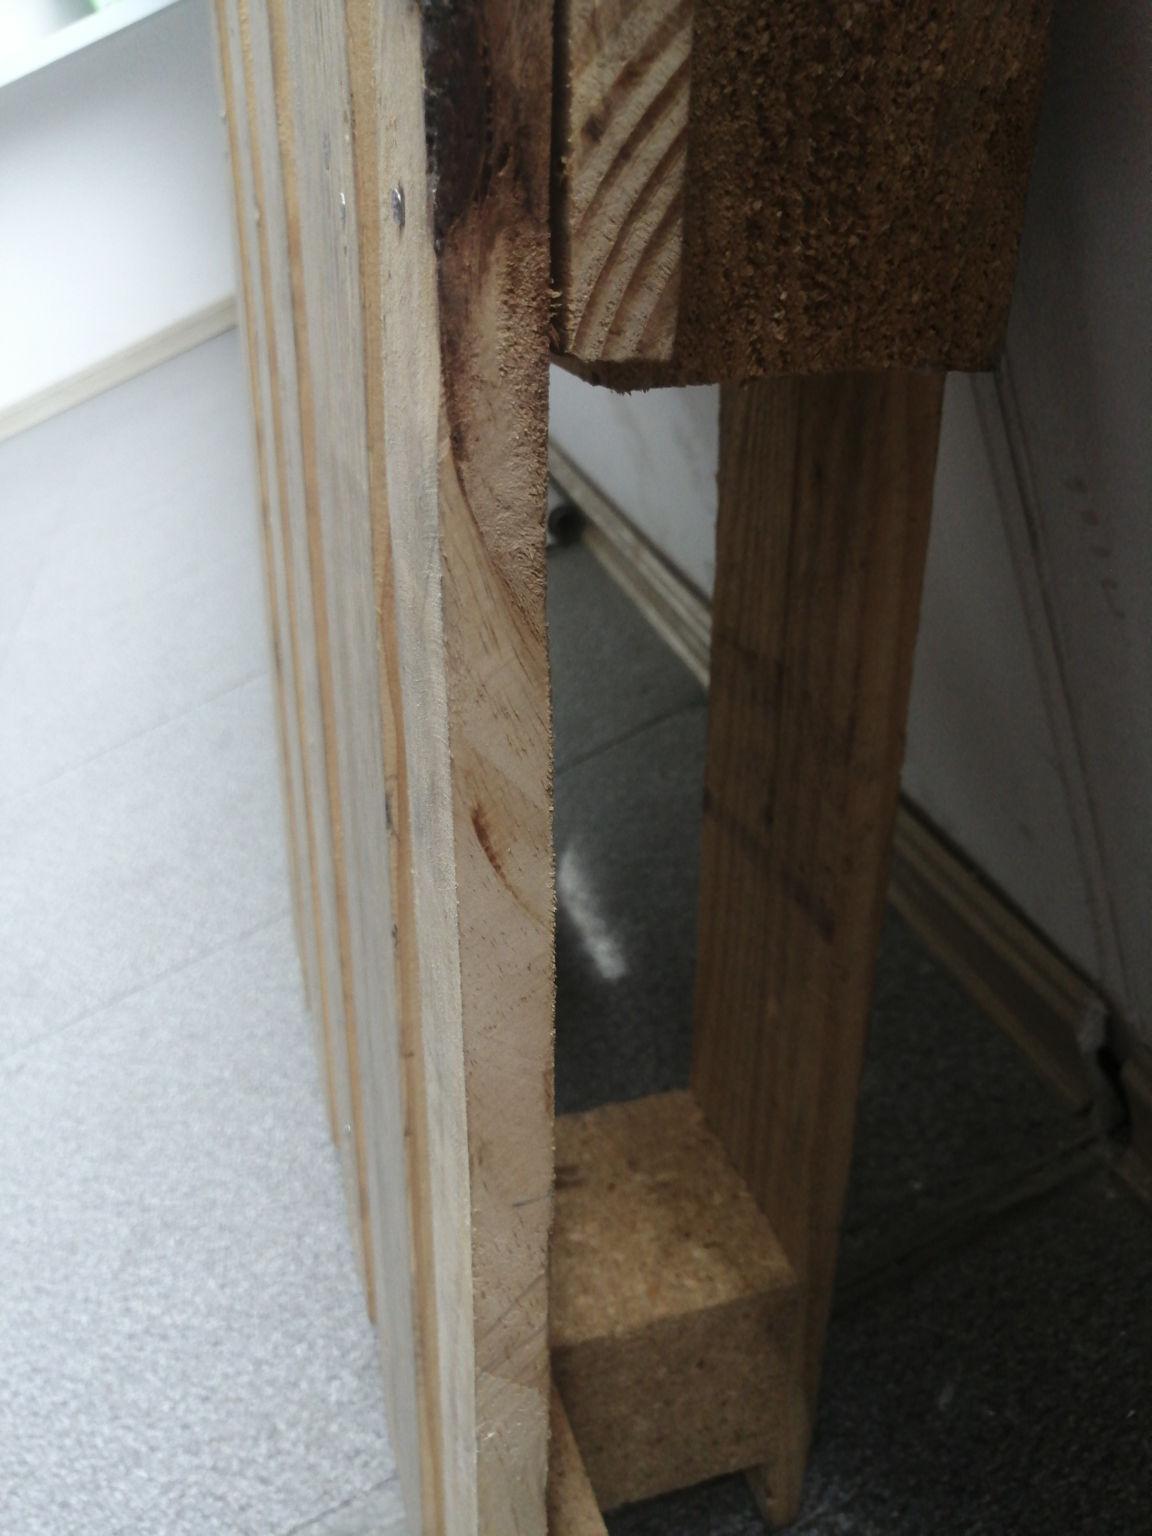 杭州长期大尺寸木托盘质量问题倒不大